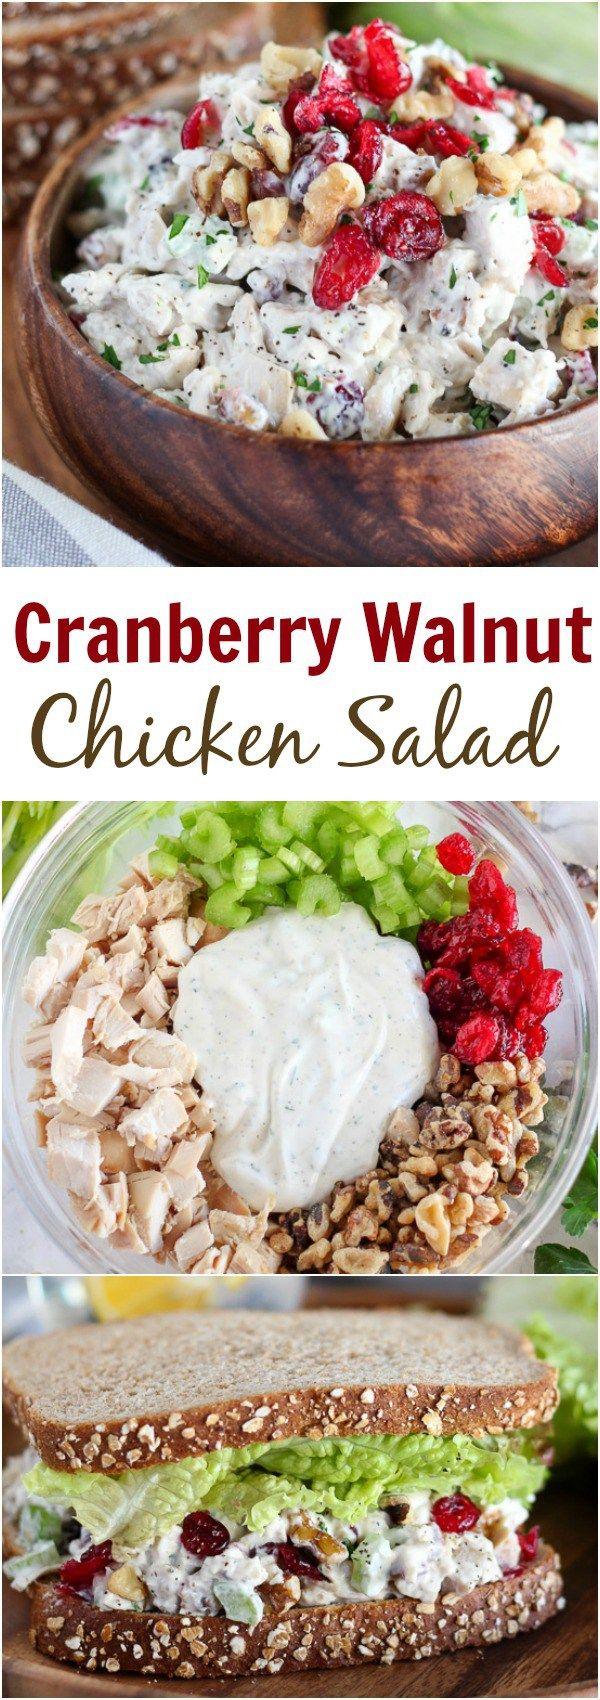 Cranberry Walnut Chicken Salad Easy Chicken Salad Recipe Filled With Tender Chi Chicken Salad Recipe Easy Cranberry Walnut Chicken Salad Walnut Chicken Salad